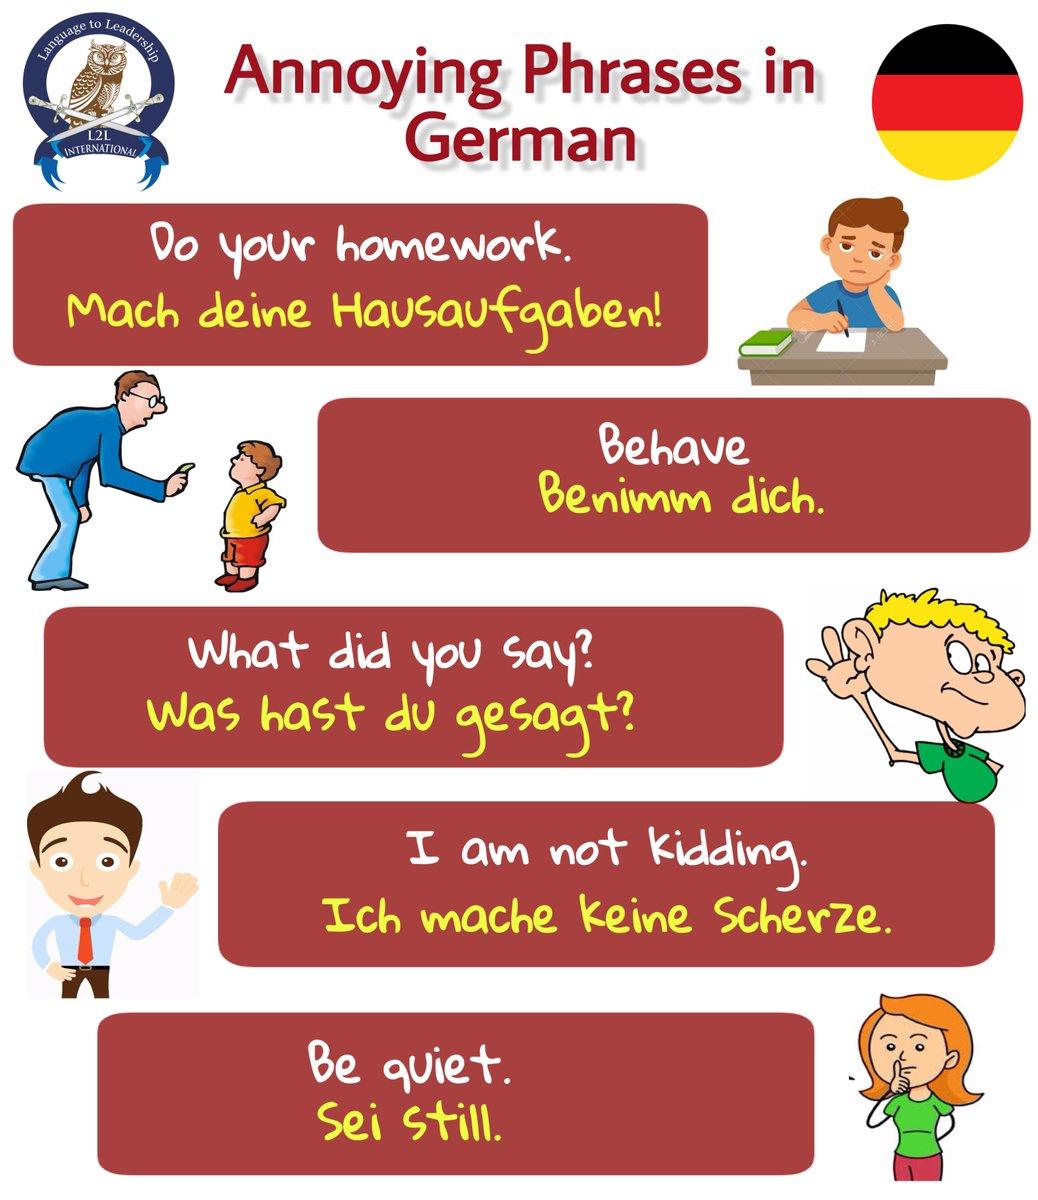 Learn Annoying Phrases in German Language #german #germanlanguage #phrases #annoyingphrases #language #germany #europe #germanoftheday #germanword #wortschatz #deutschlernen #deutschesprache #germanwords #germancourse #germanclass #deutschkurs #germanschool #Foreign #L2Lpic.twitter.com/cIyVRQRqPt